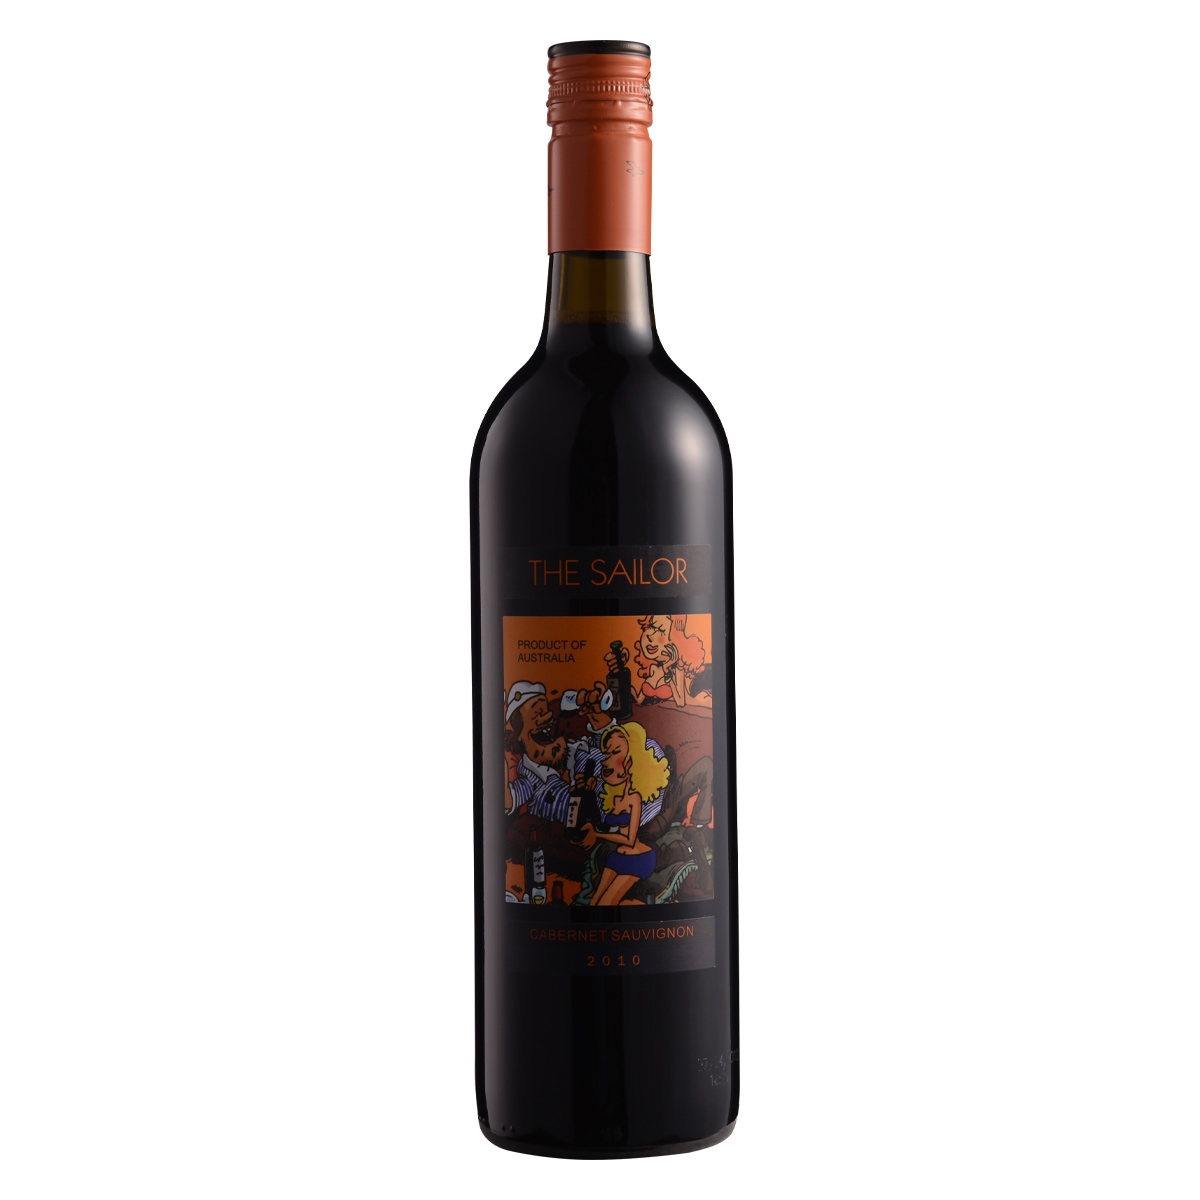 12.5°詹姆士欢乐水手2010卡本纳干红葡萄酒750ml